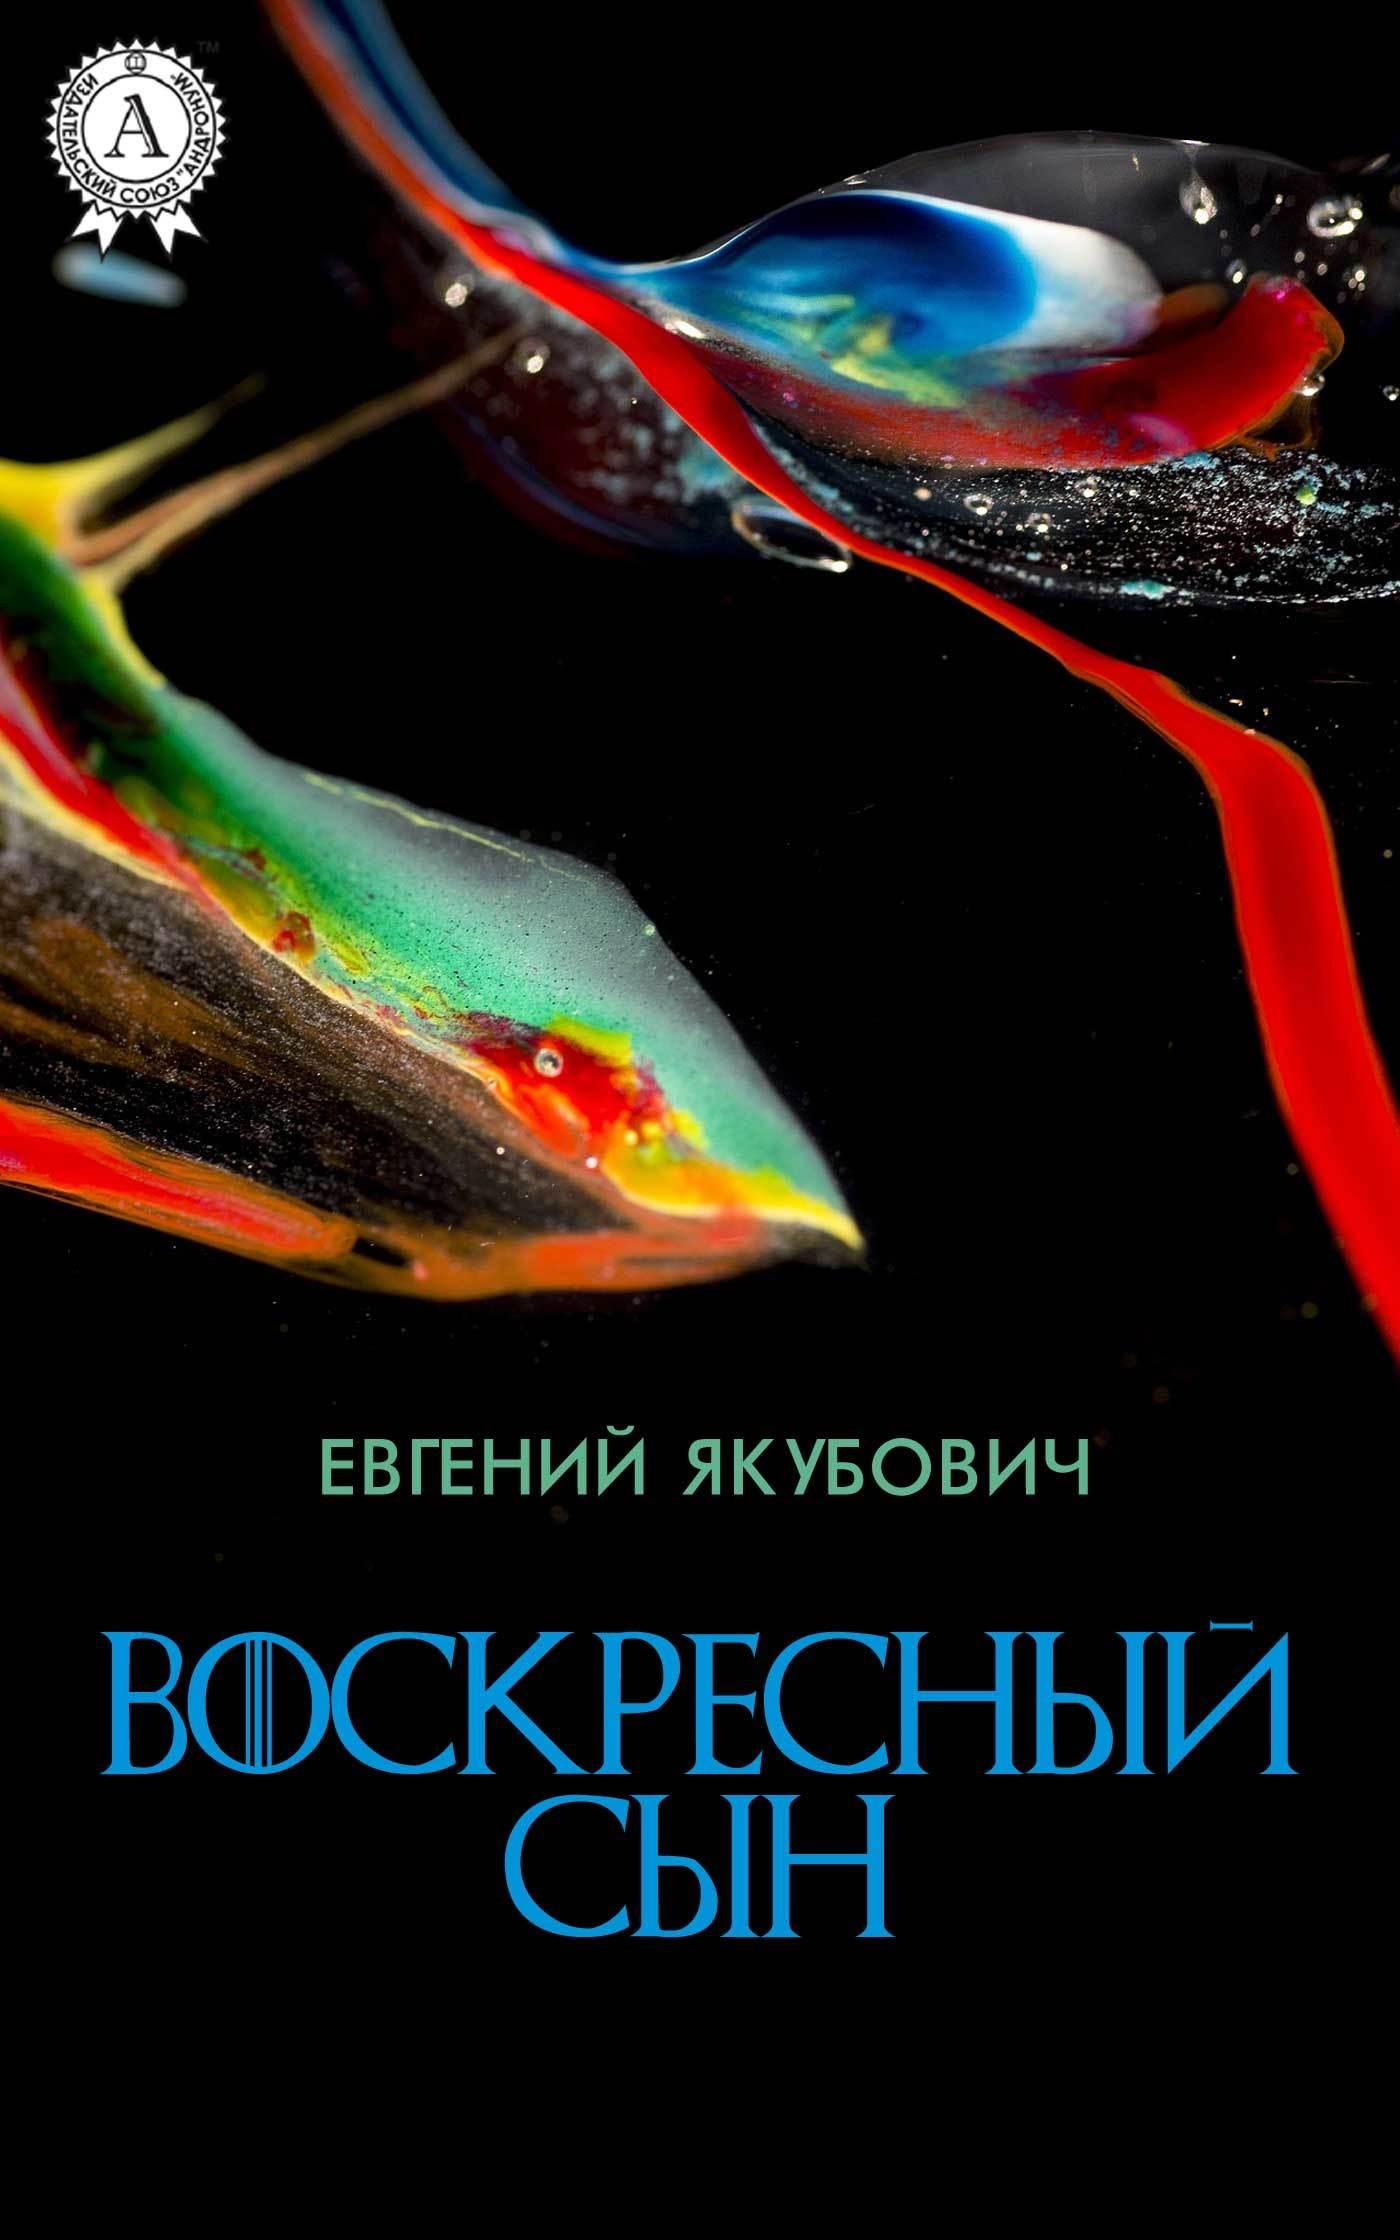 Евгений Якубович Воскресный Сын